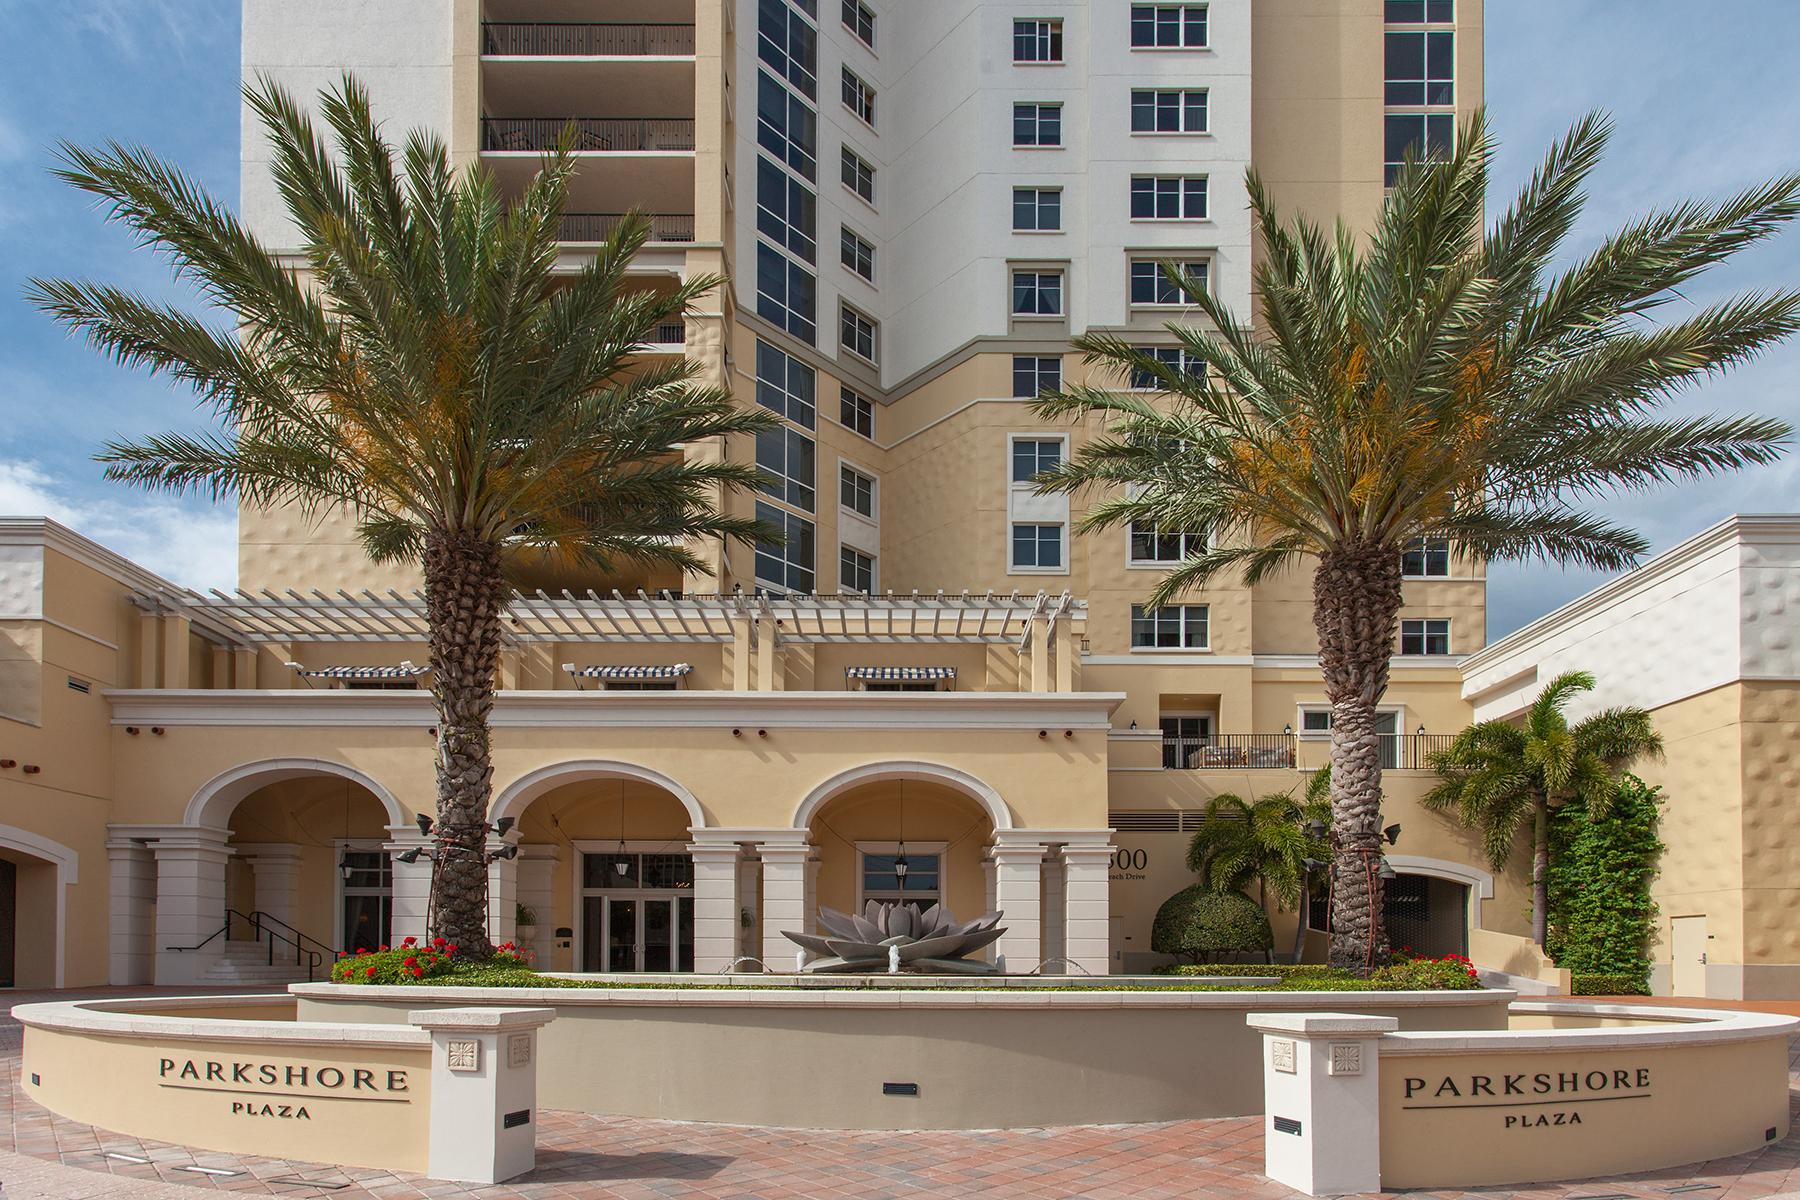 Condomínio para Venda às PARKSHORE PLAZA 300 Beach Dr NE 210 St. Petersburg, Florida, 33701 Estados Unidos